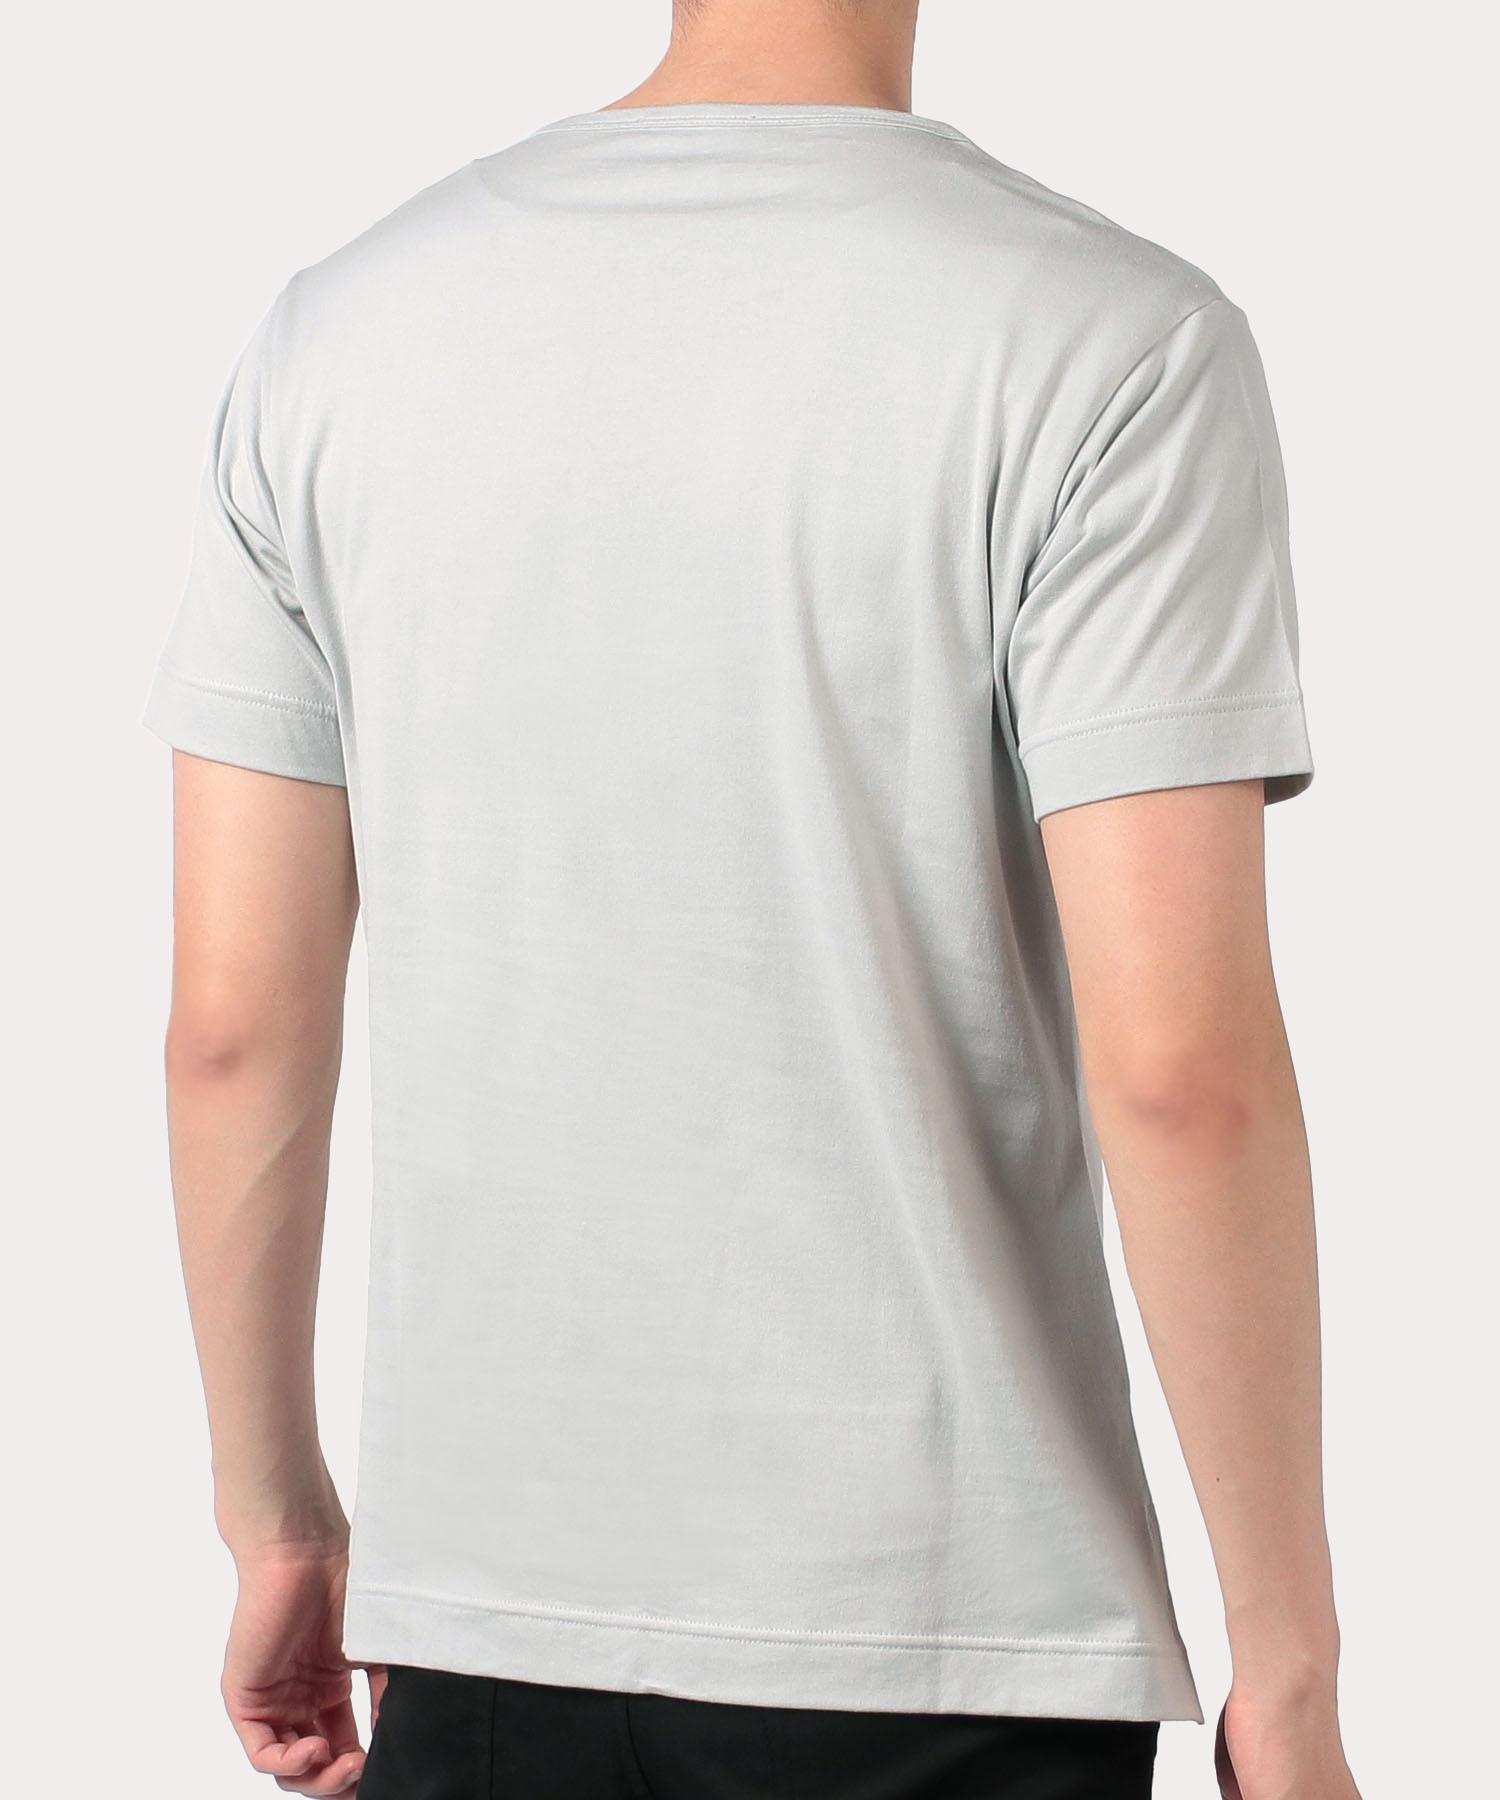 ラインORBライトニング クラシック半袖Tシャツ